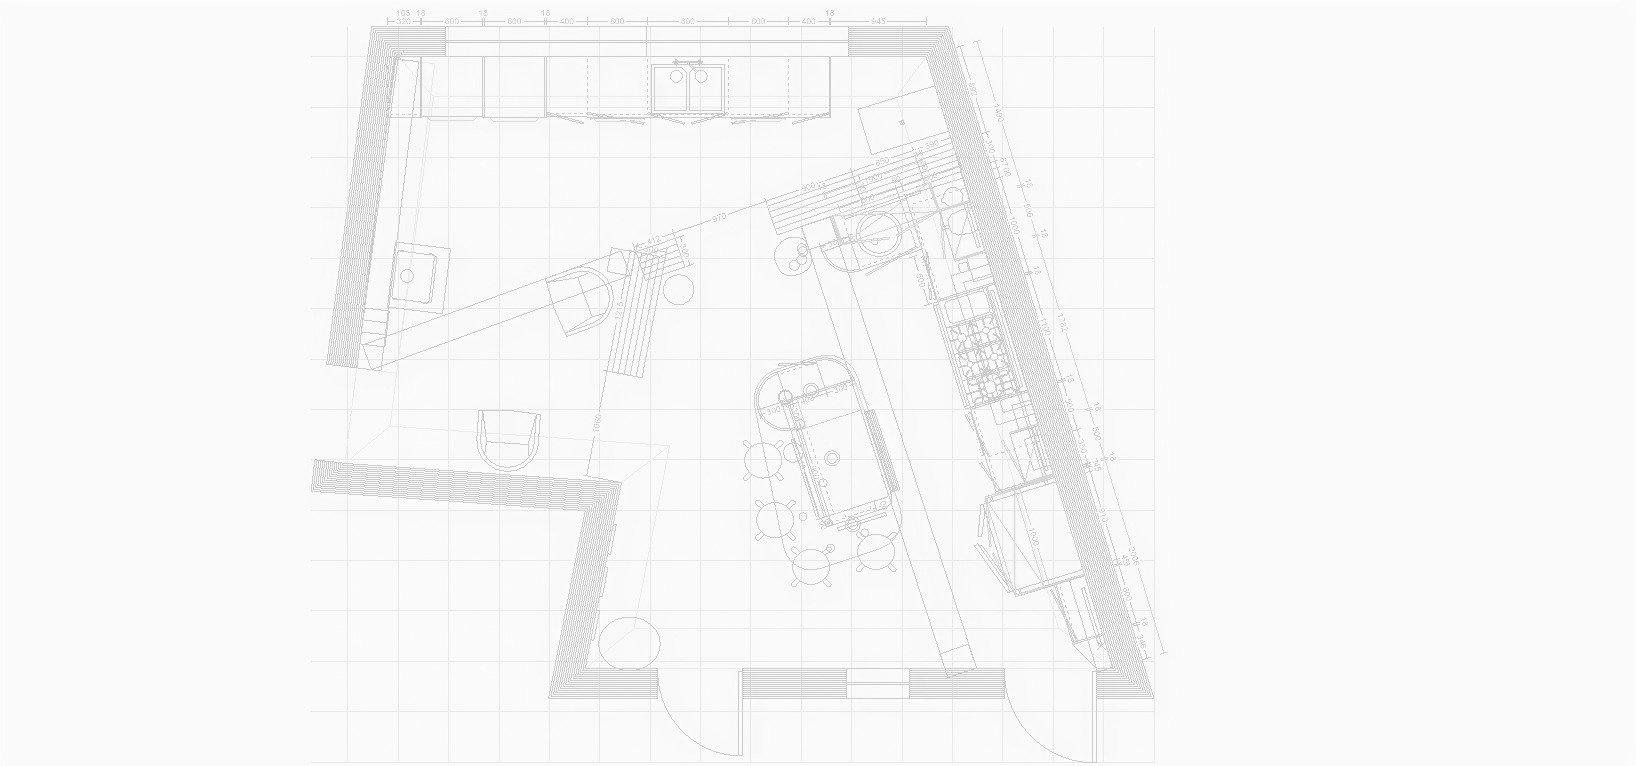 Showroom Design Consultation